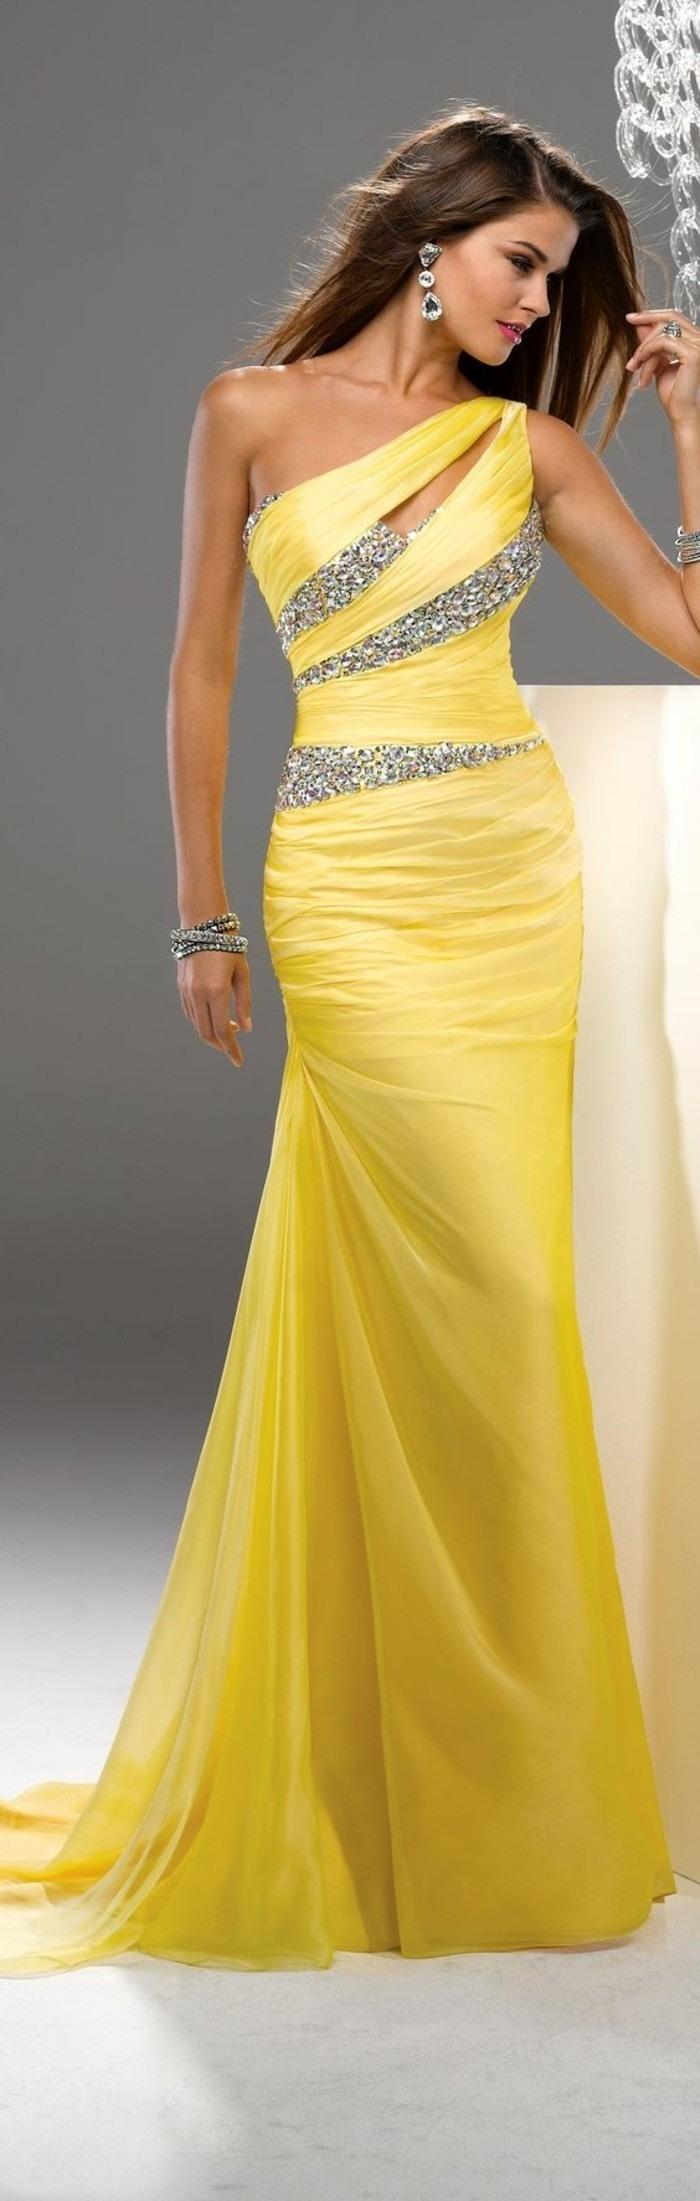 Abend Spektakulär Kleider Für Schöne Anlässe Design15 Kreativ Kleider Für Schöne Anlässe Design